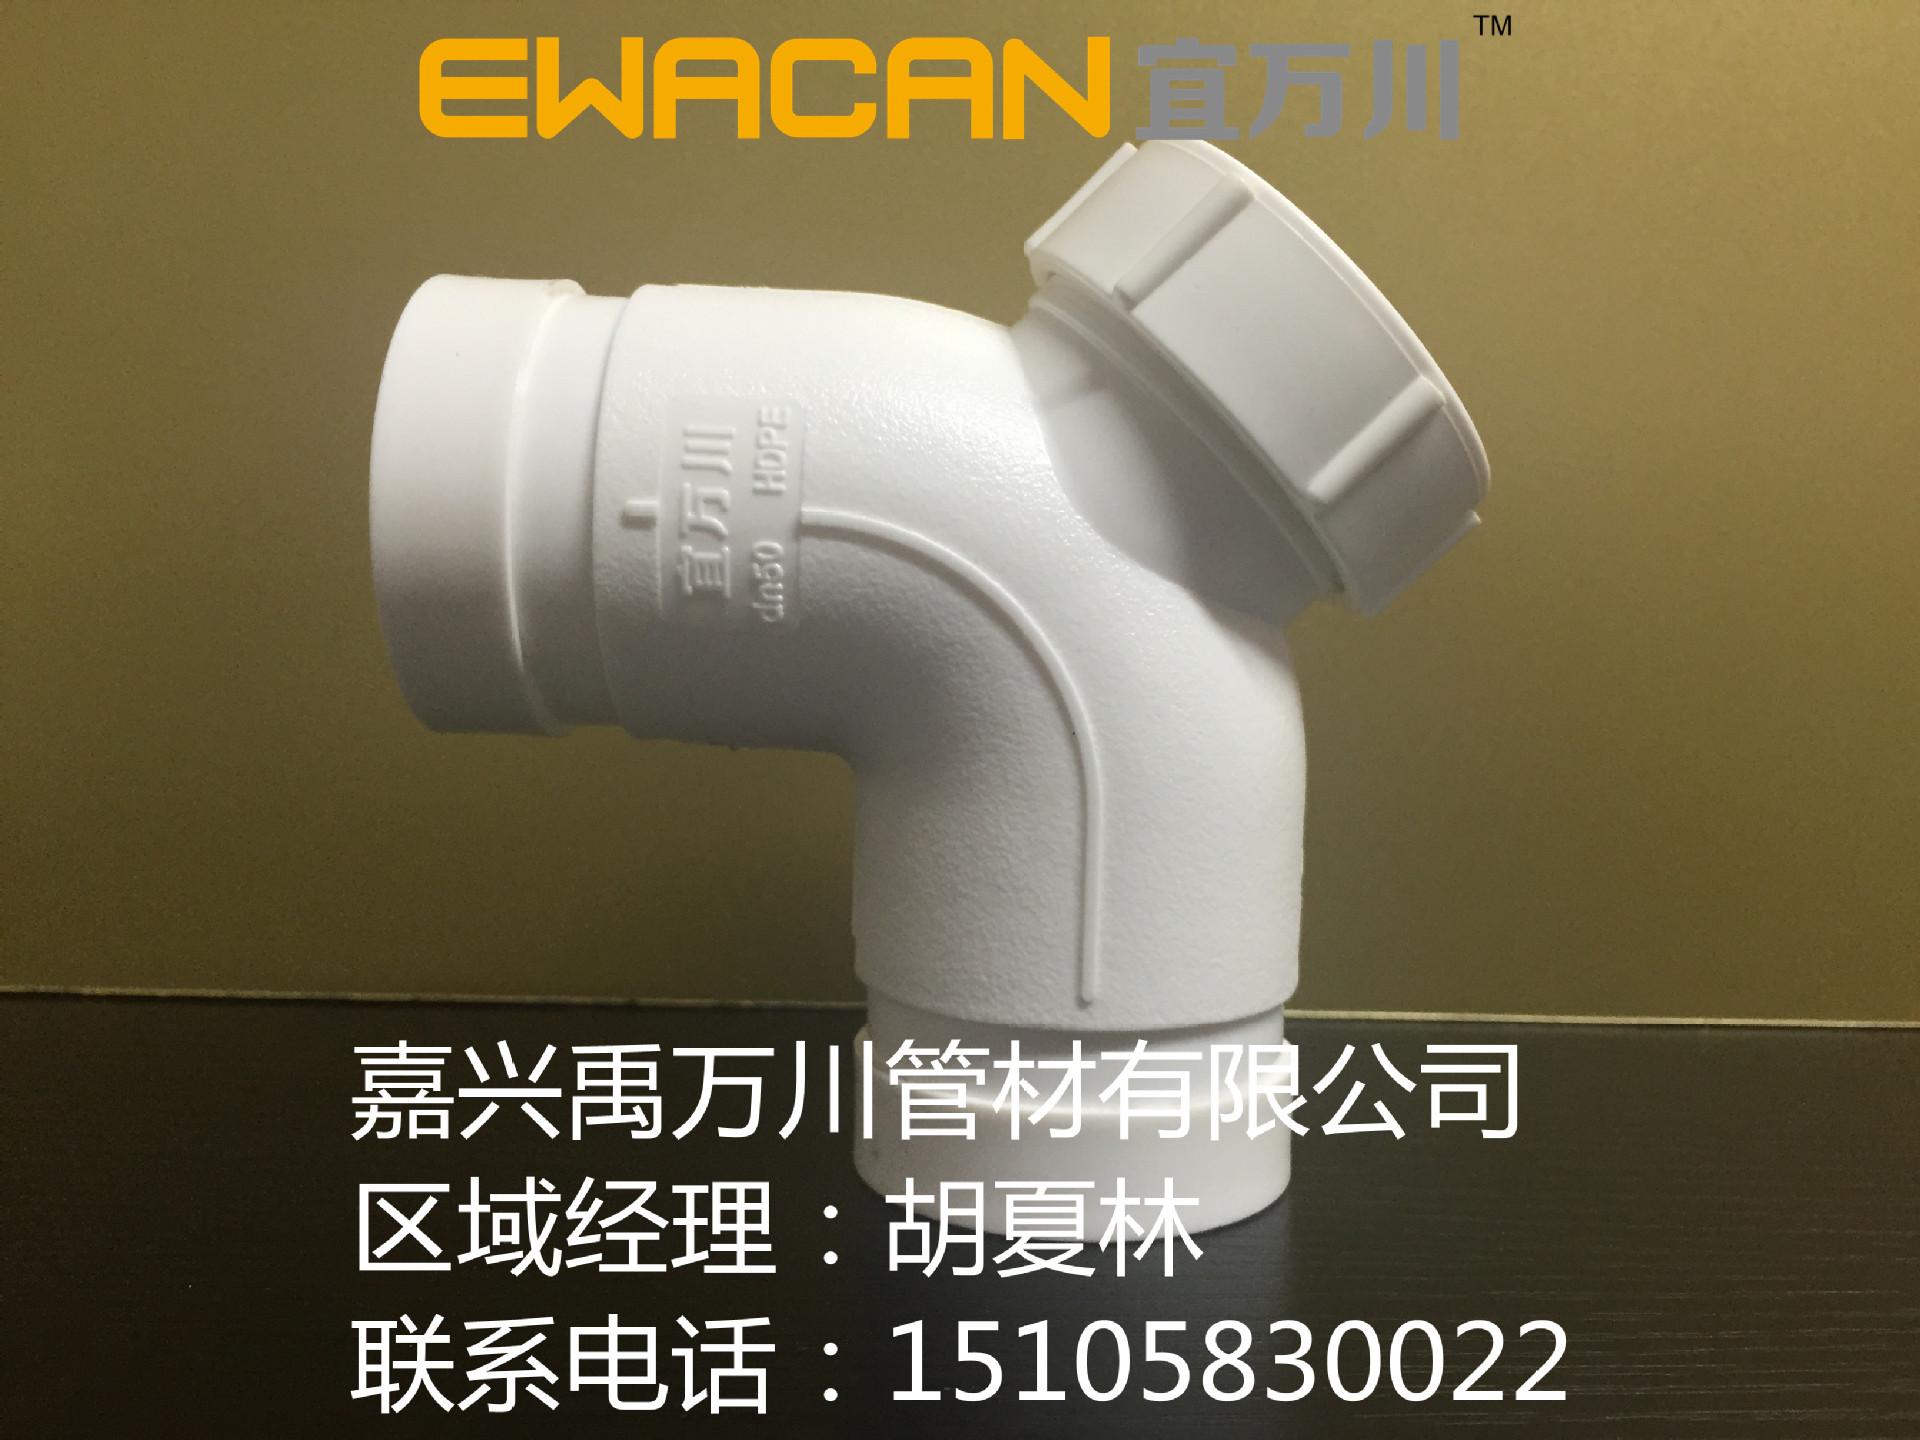 直供沟槽式HDPE超静音排水管,90度门弯,宜万川沟槽静音排水管示例图1